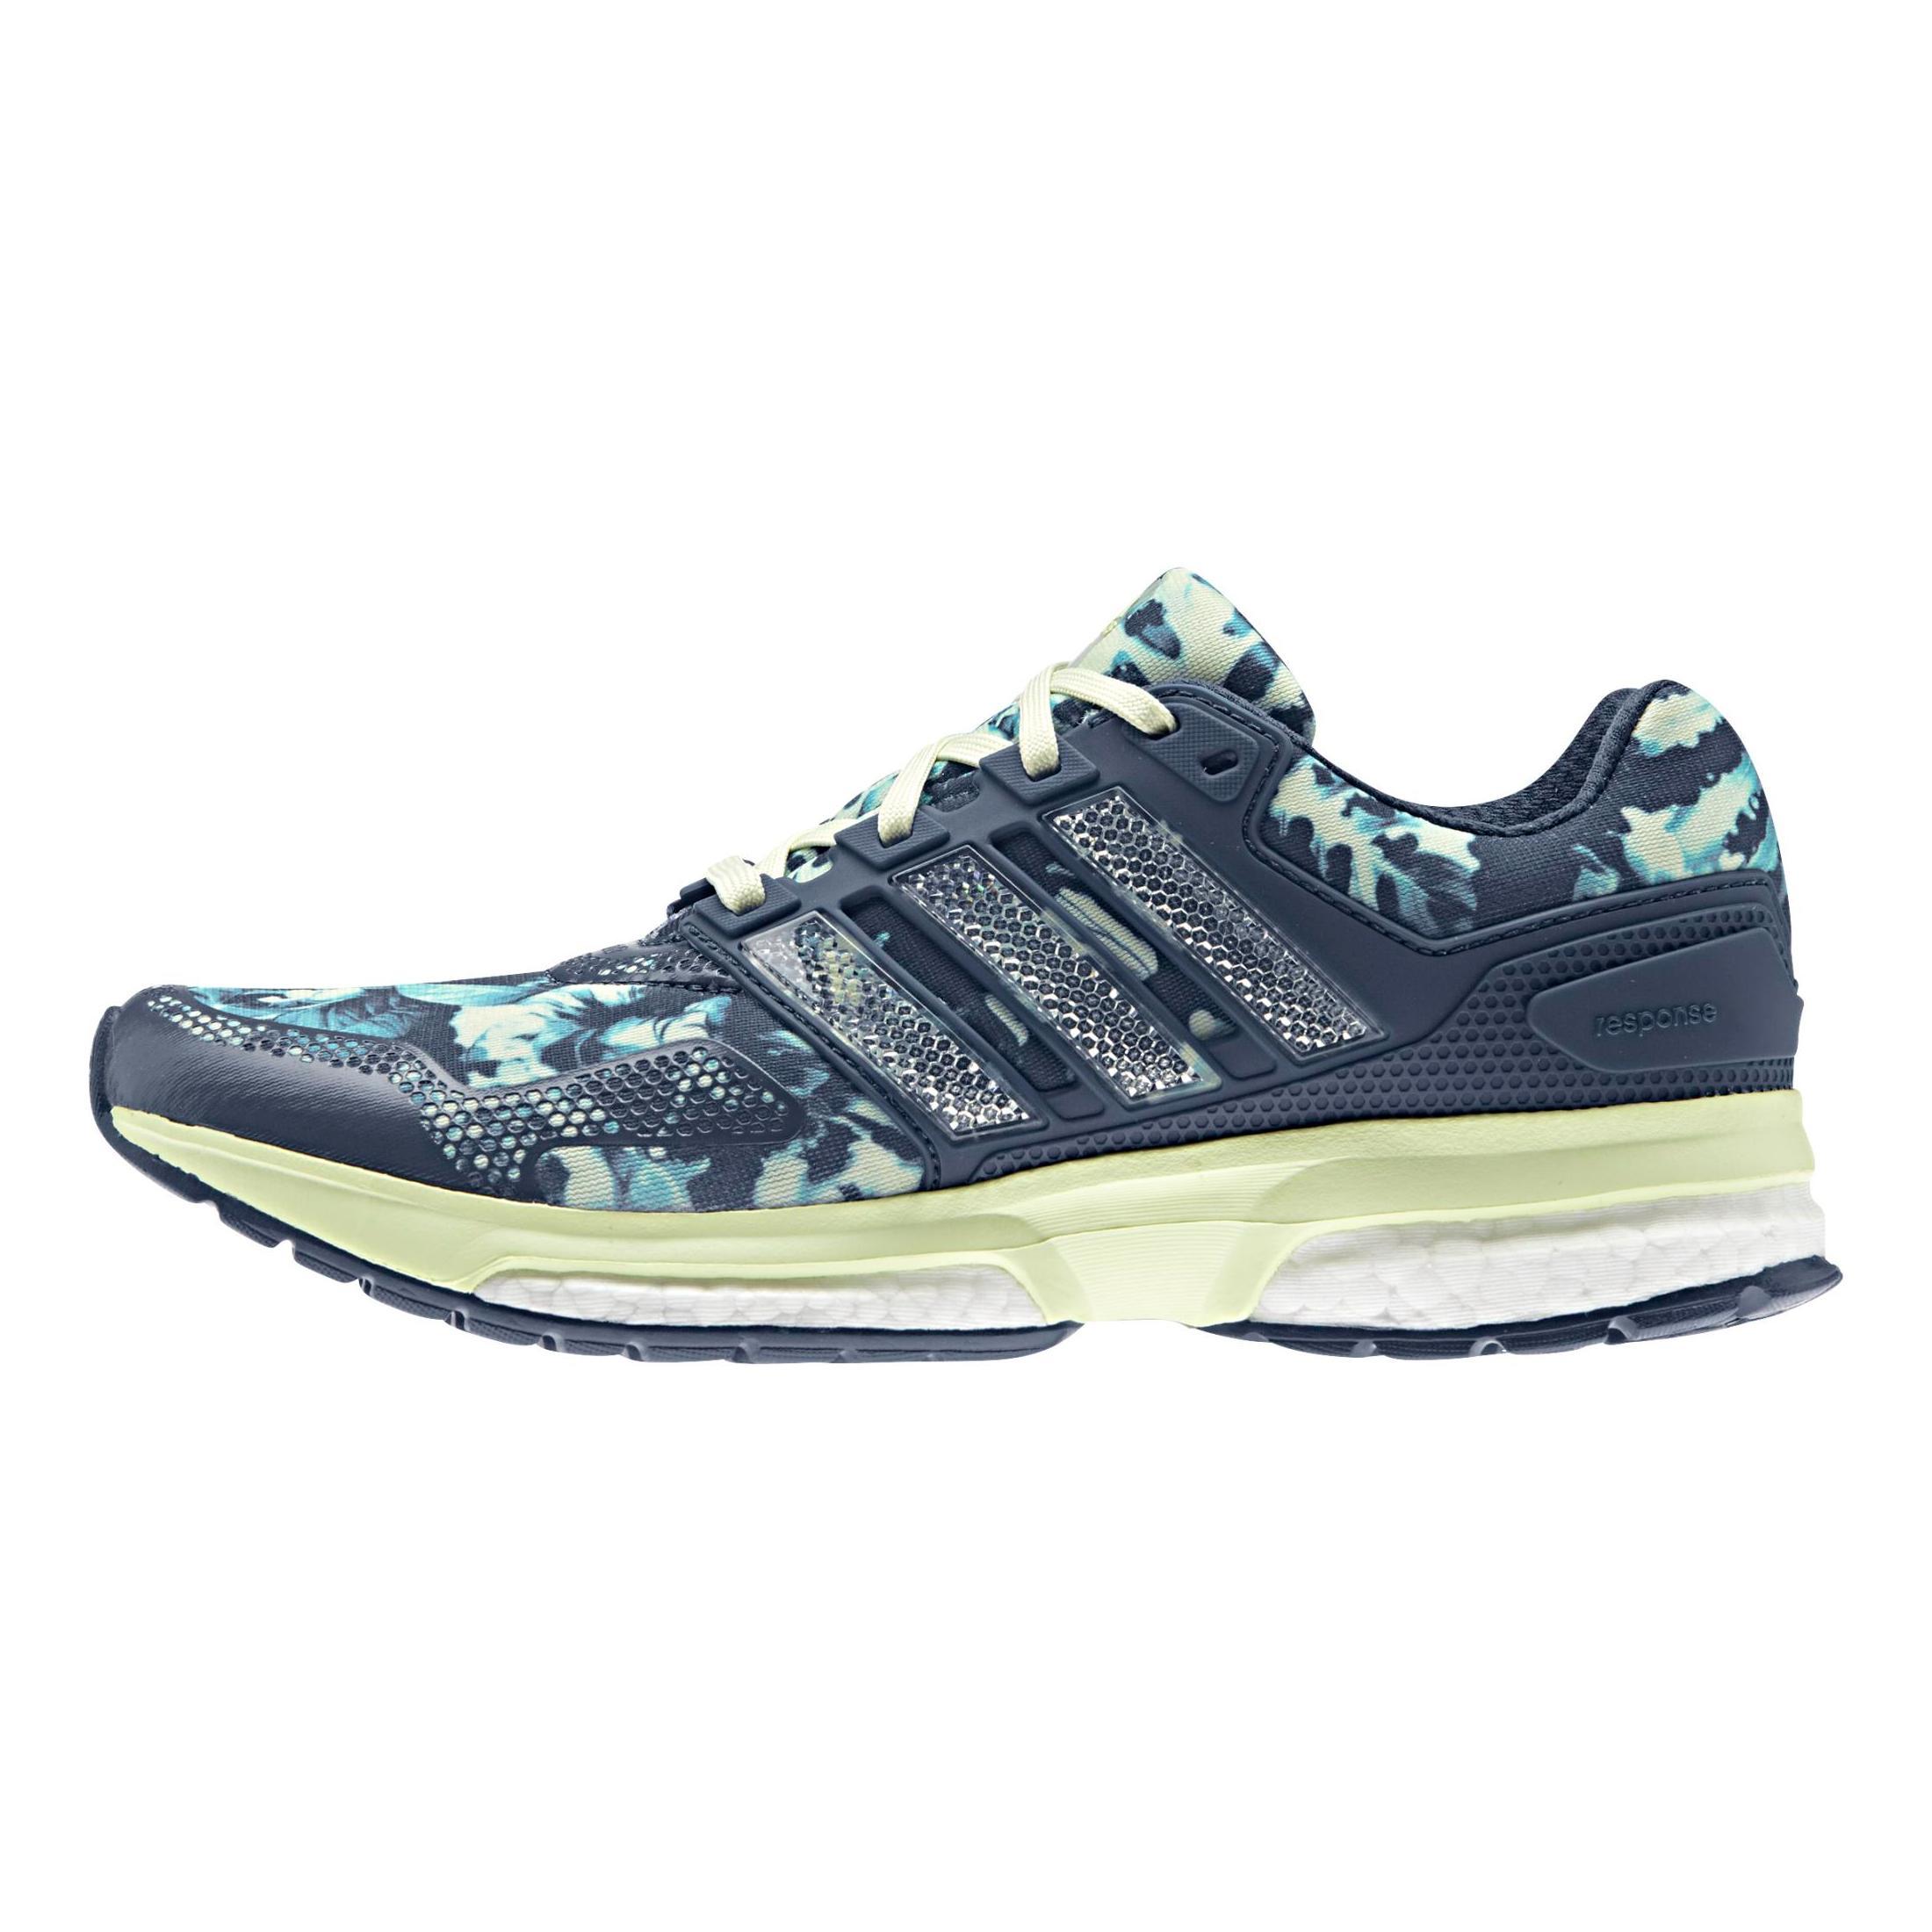 64f430f7631d3 Achat de chaussures de sport adulte homme pas cher